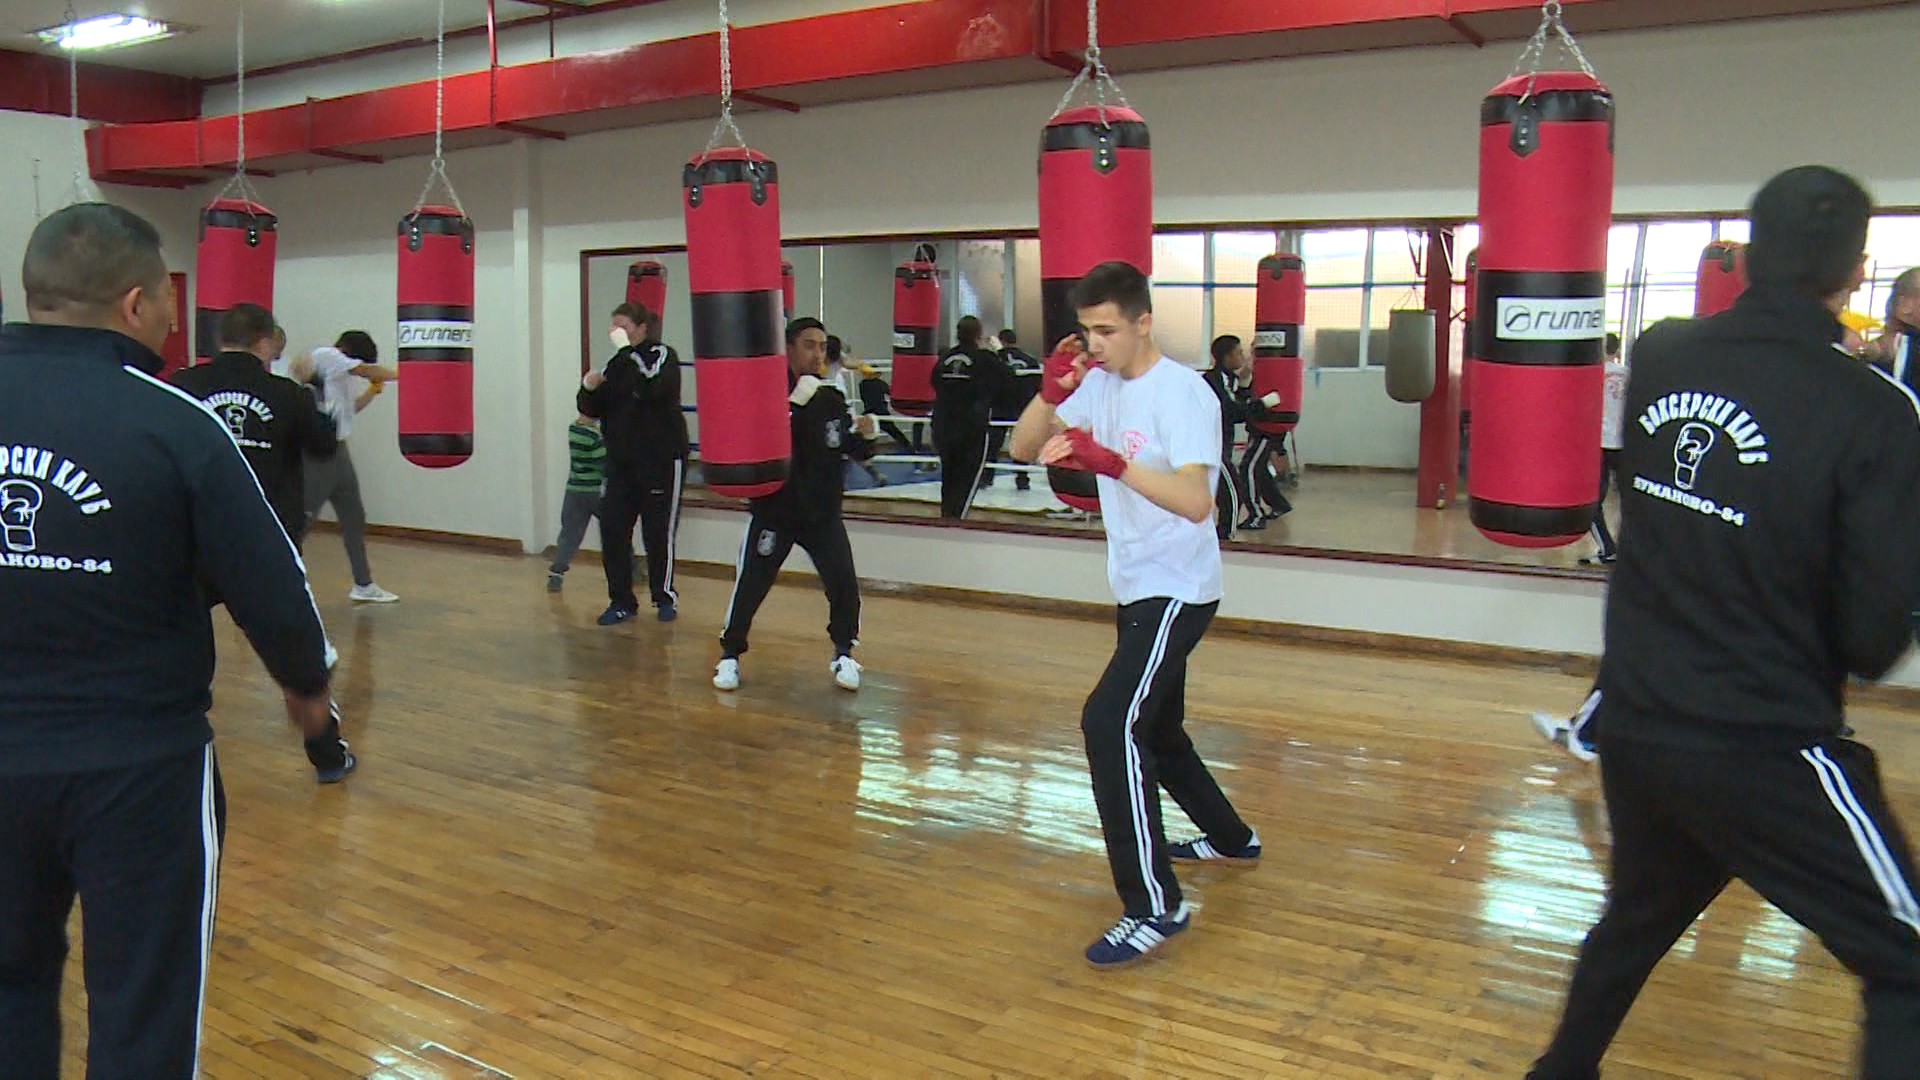 Куманово доби нов боксерски клуб (ФОТО)